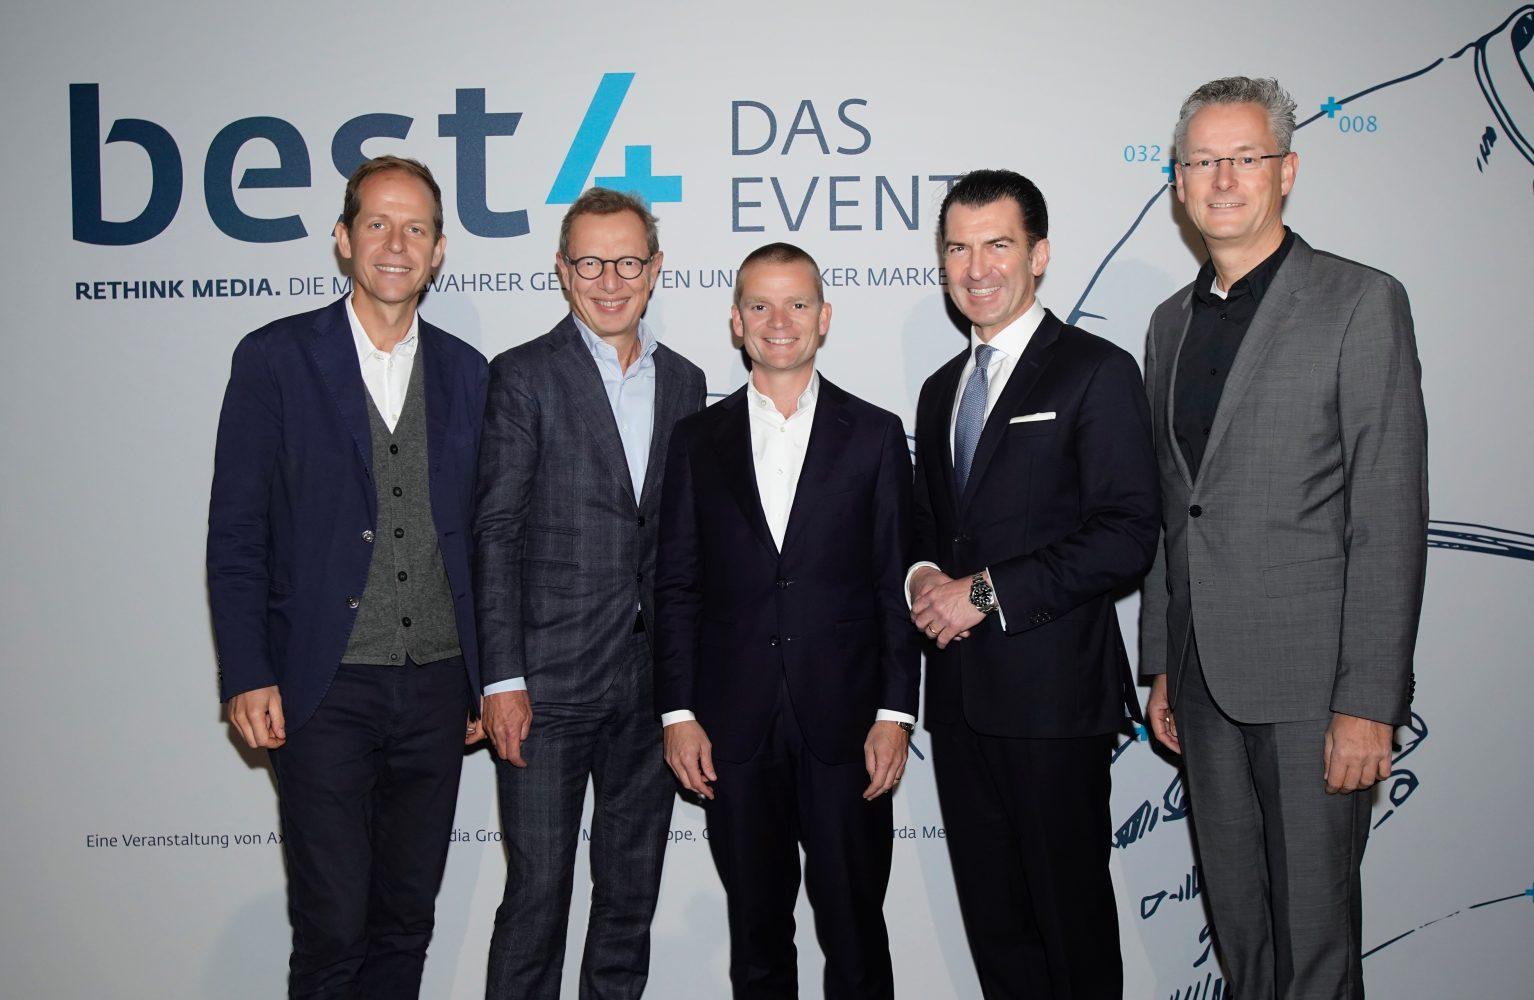 Best4Event: Credit Daniel Grund/ GIK